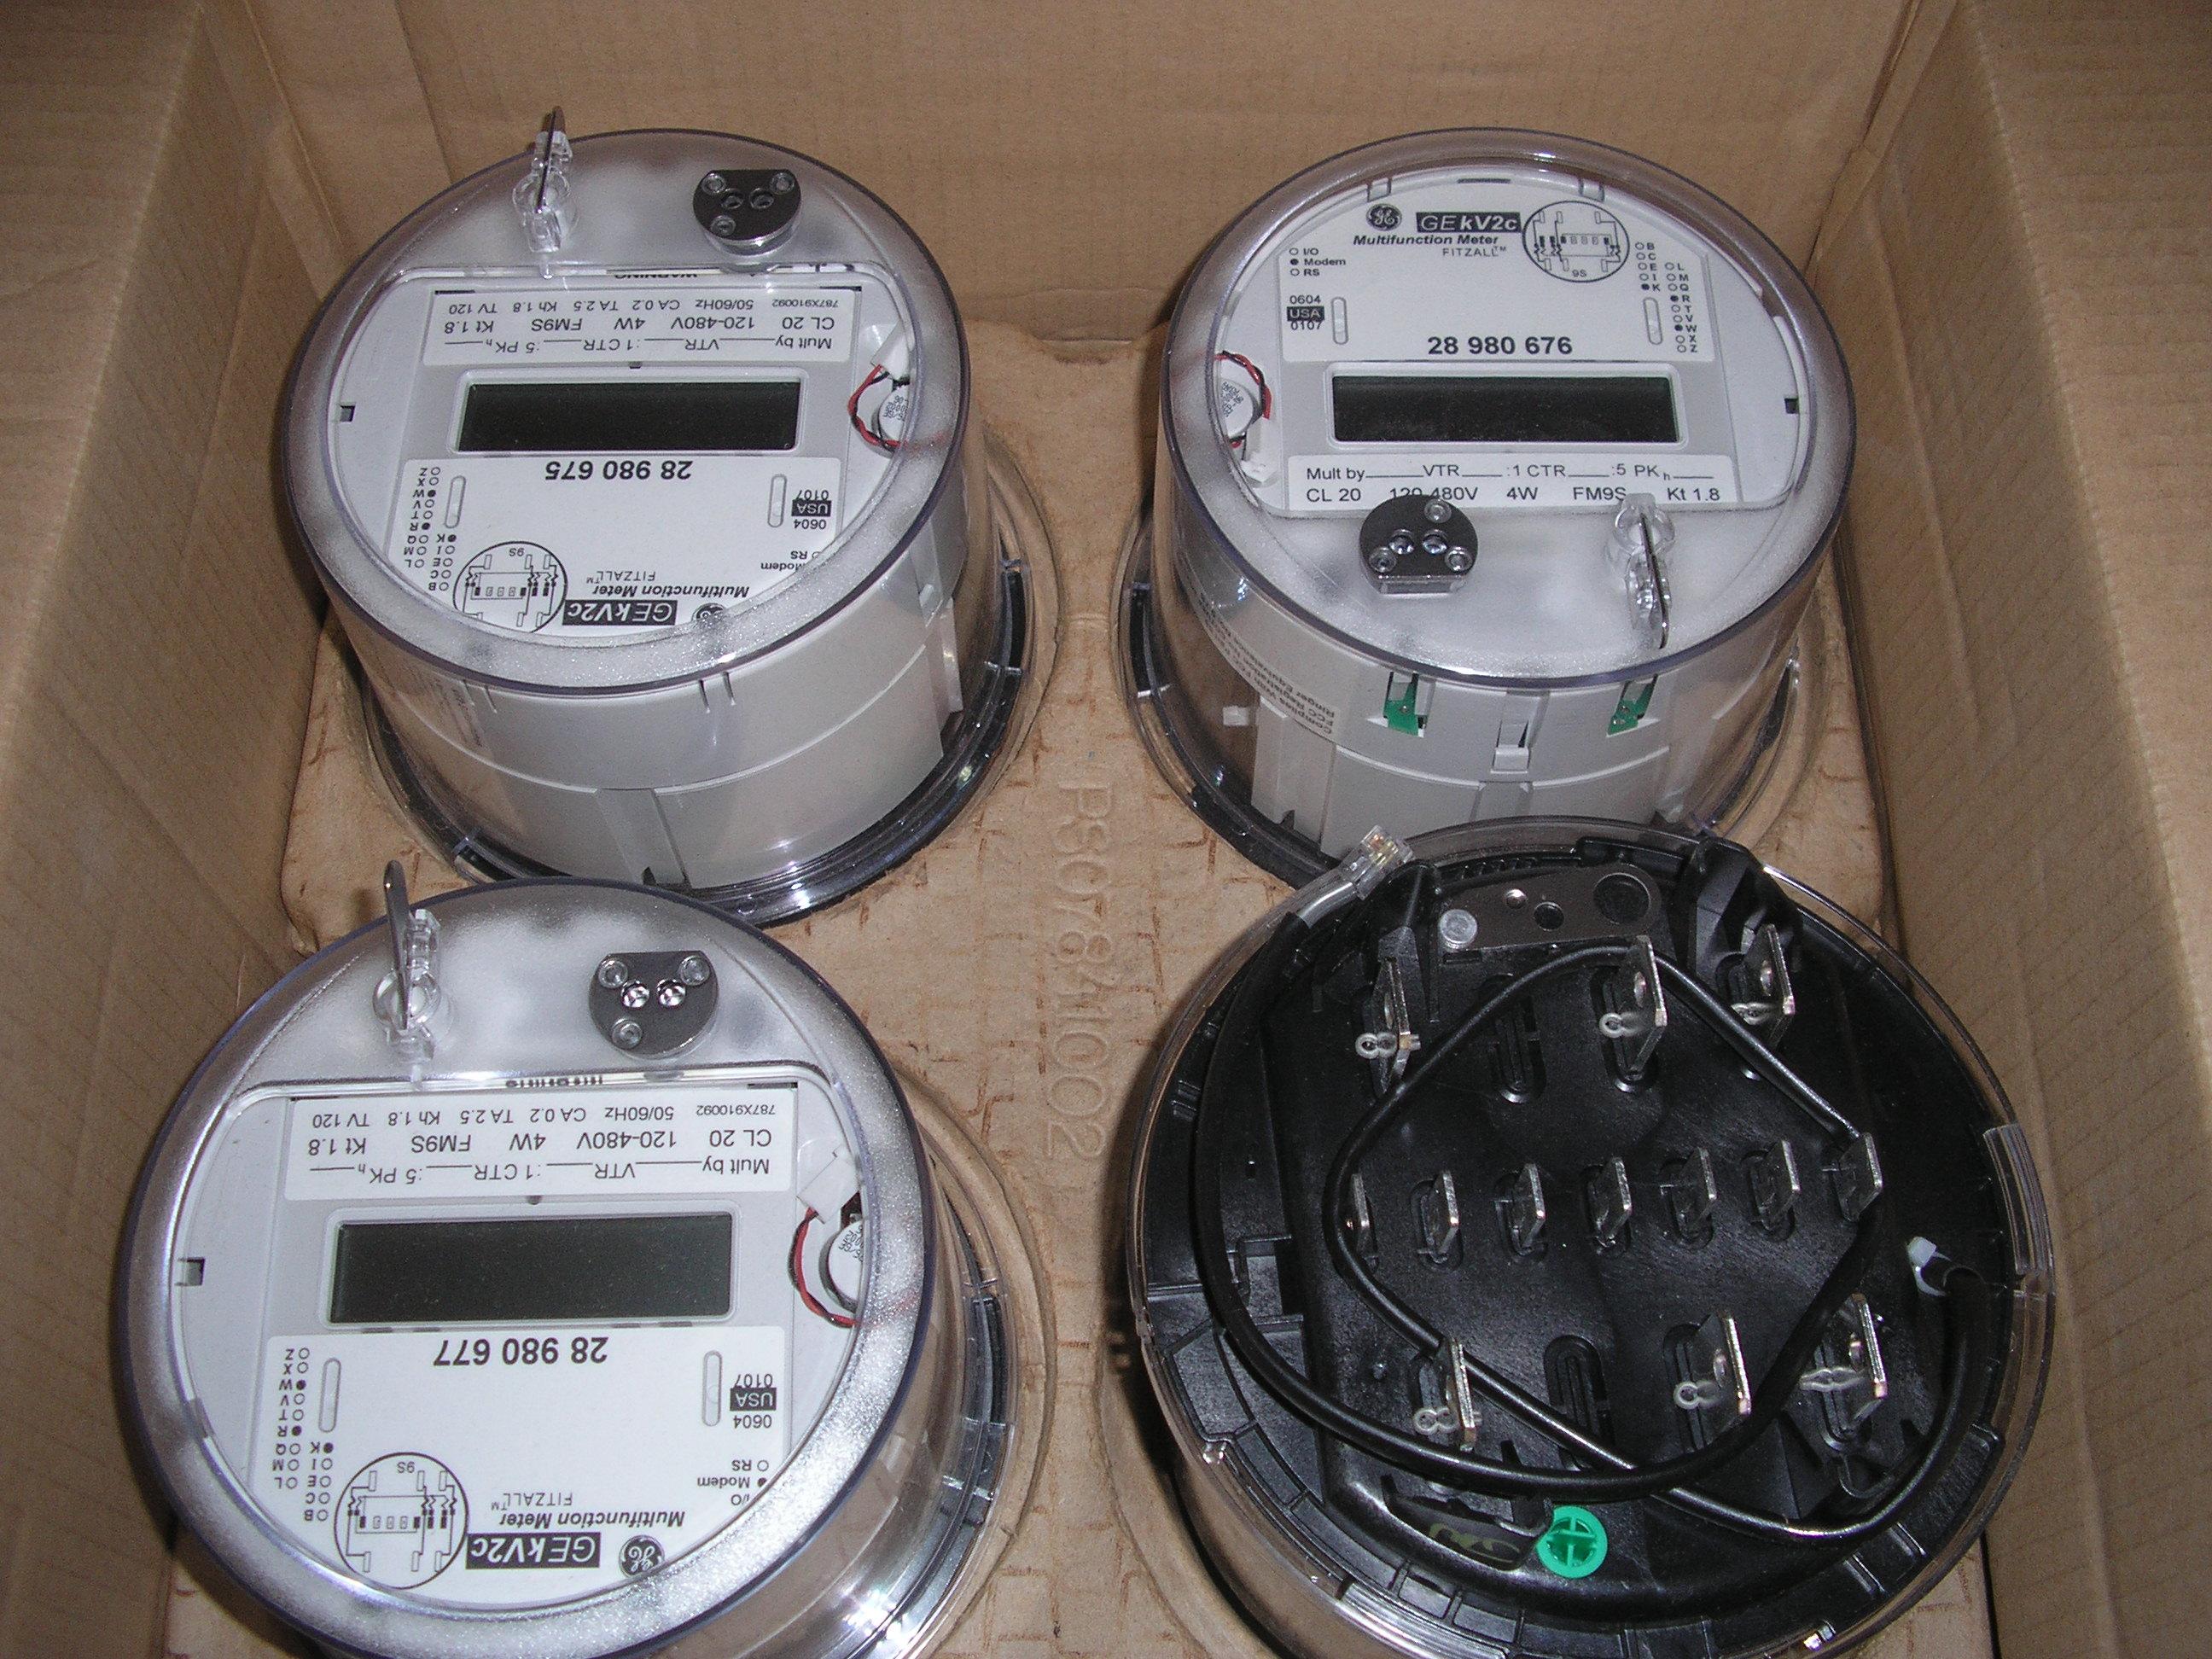 St 480 Wiring Diagram Used Electric Meters